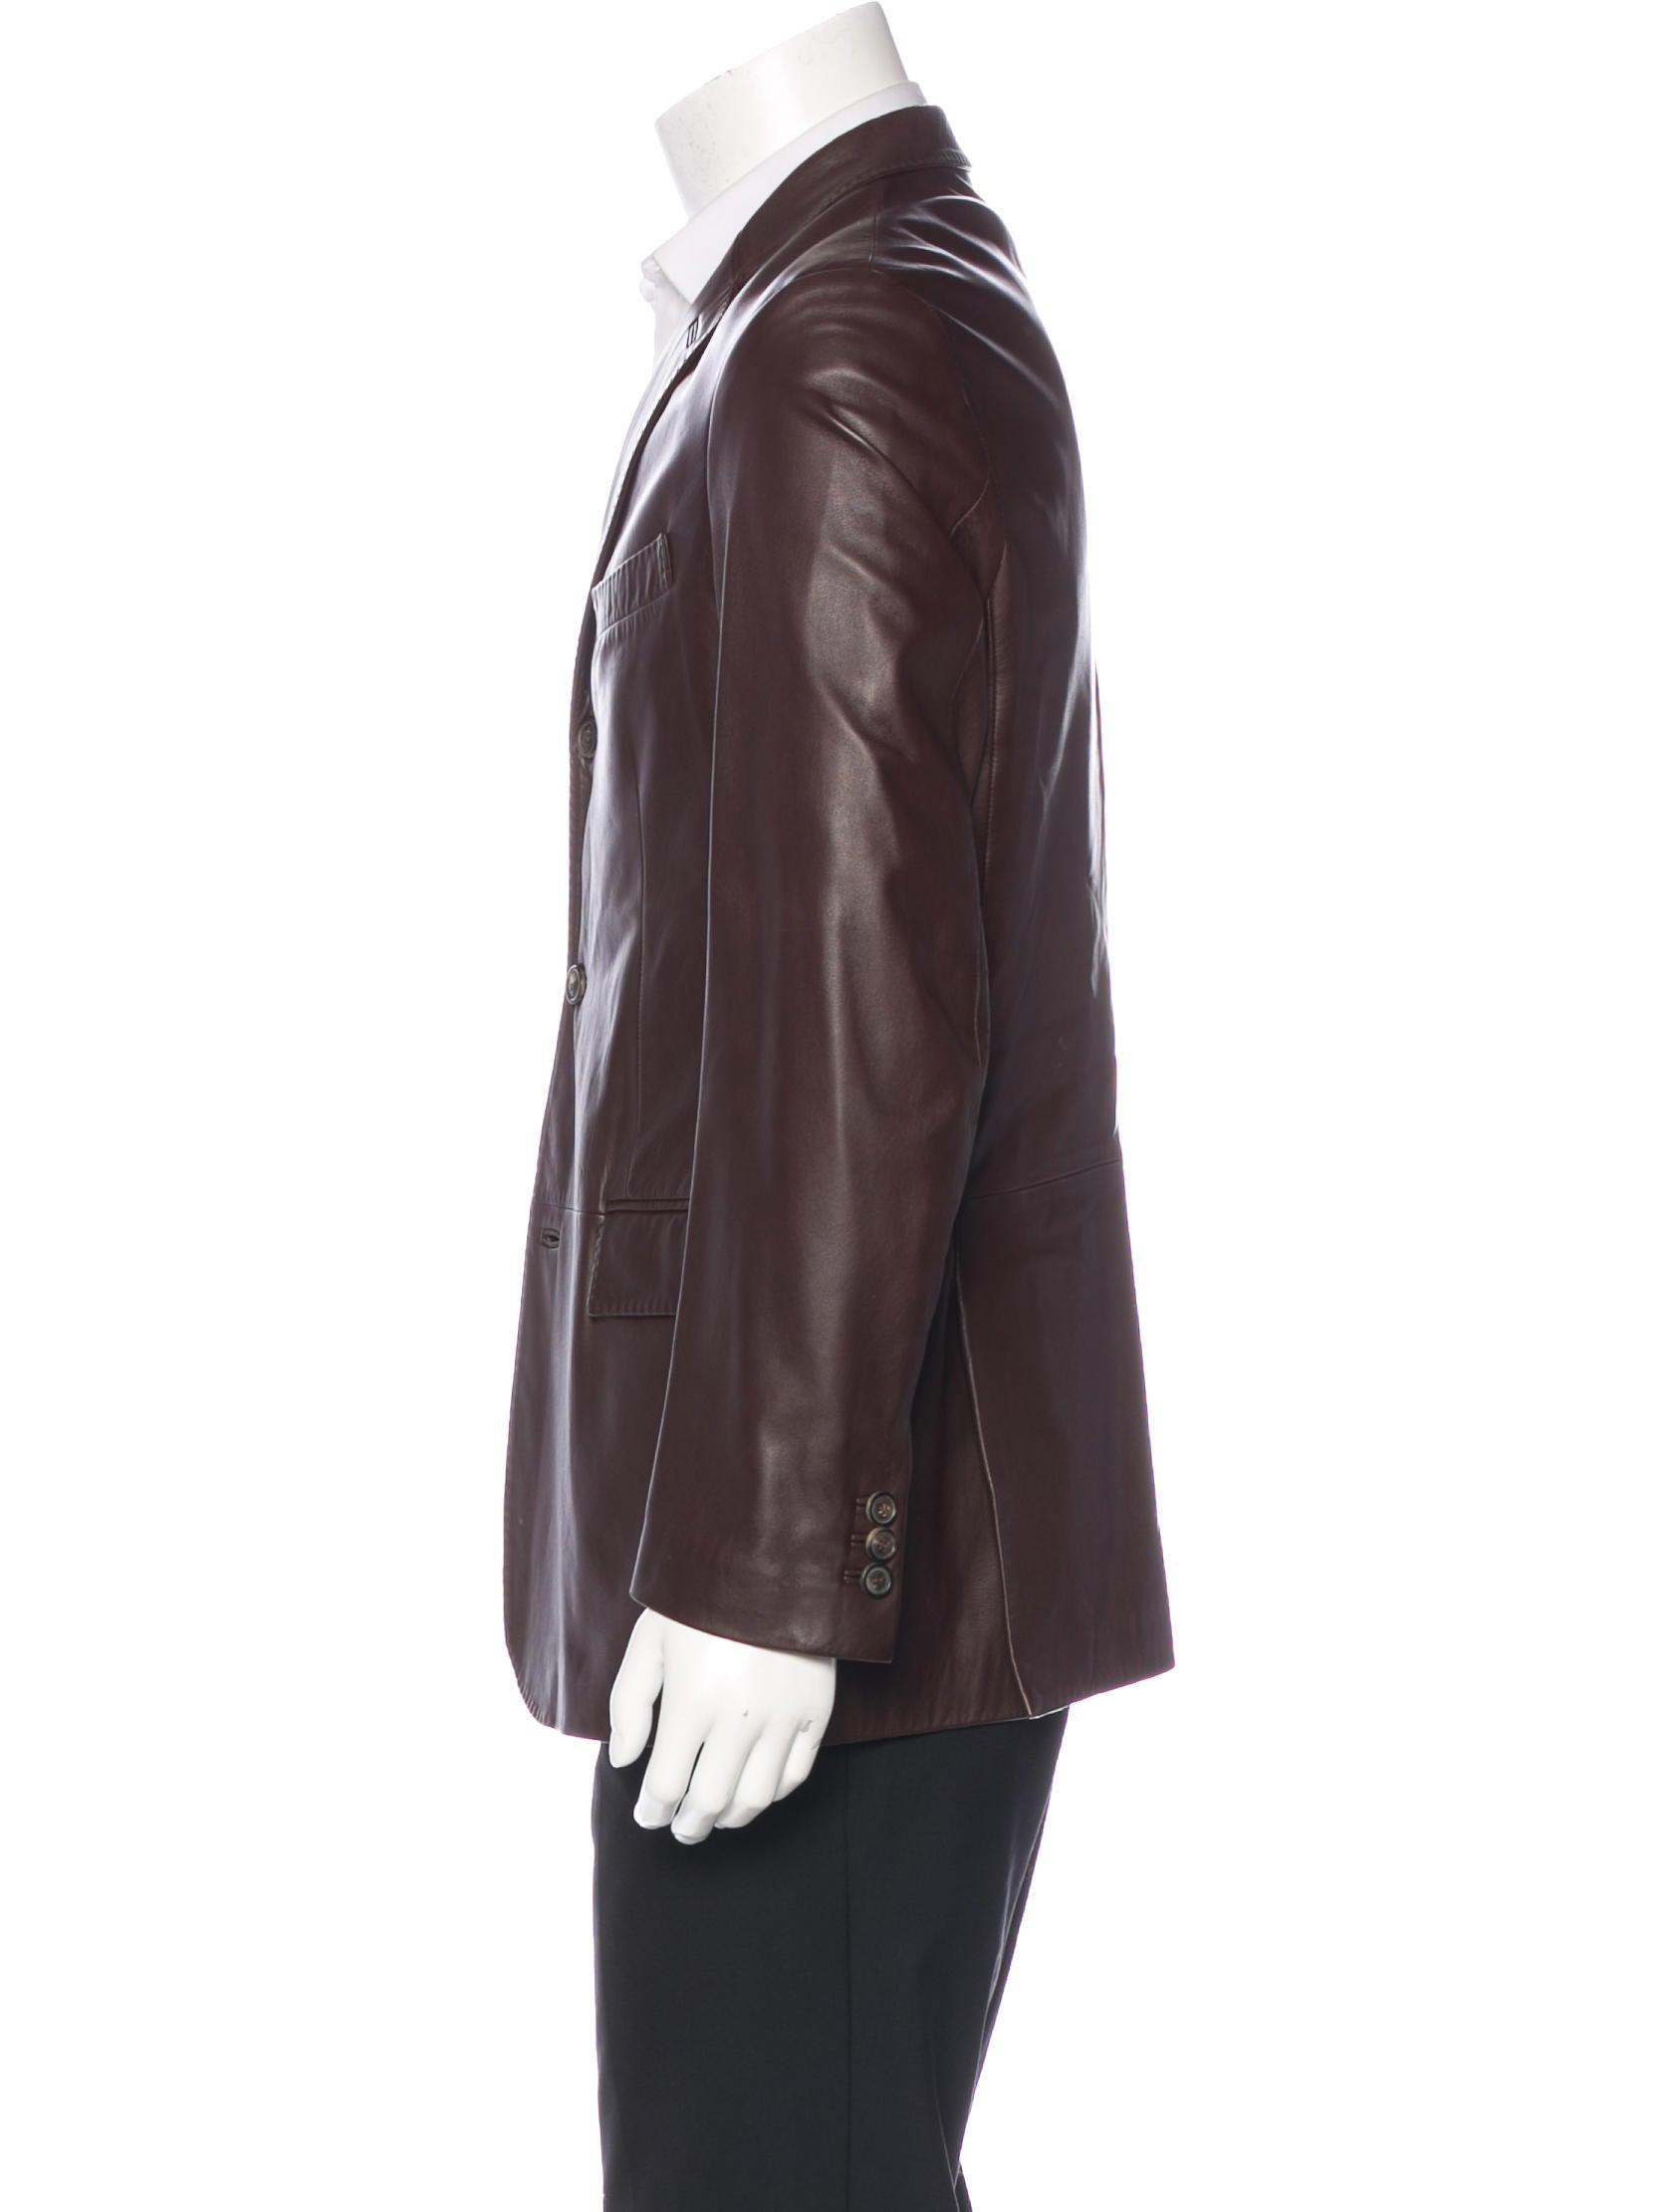 Salvatore Ferragamo Leather Sport Coat - Clothing ...